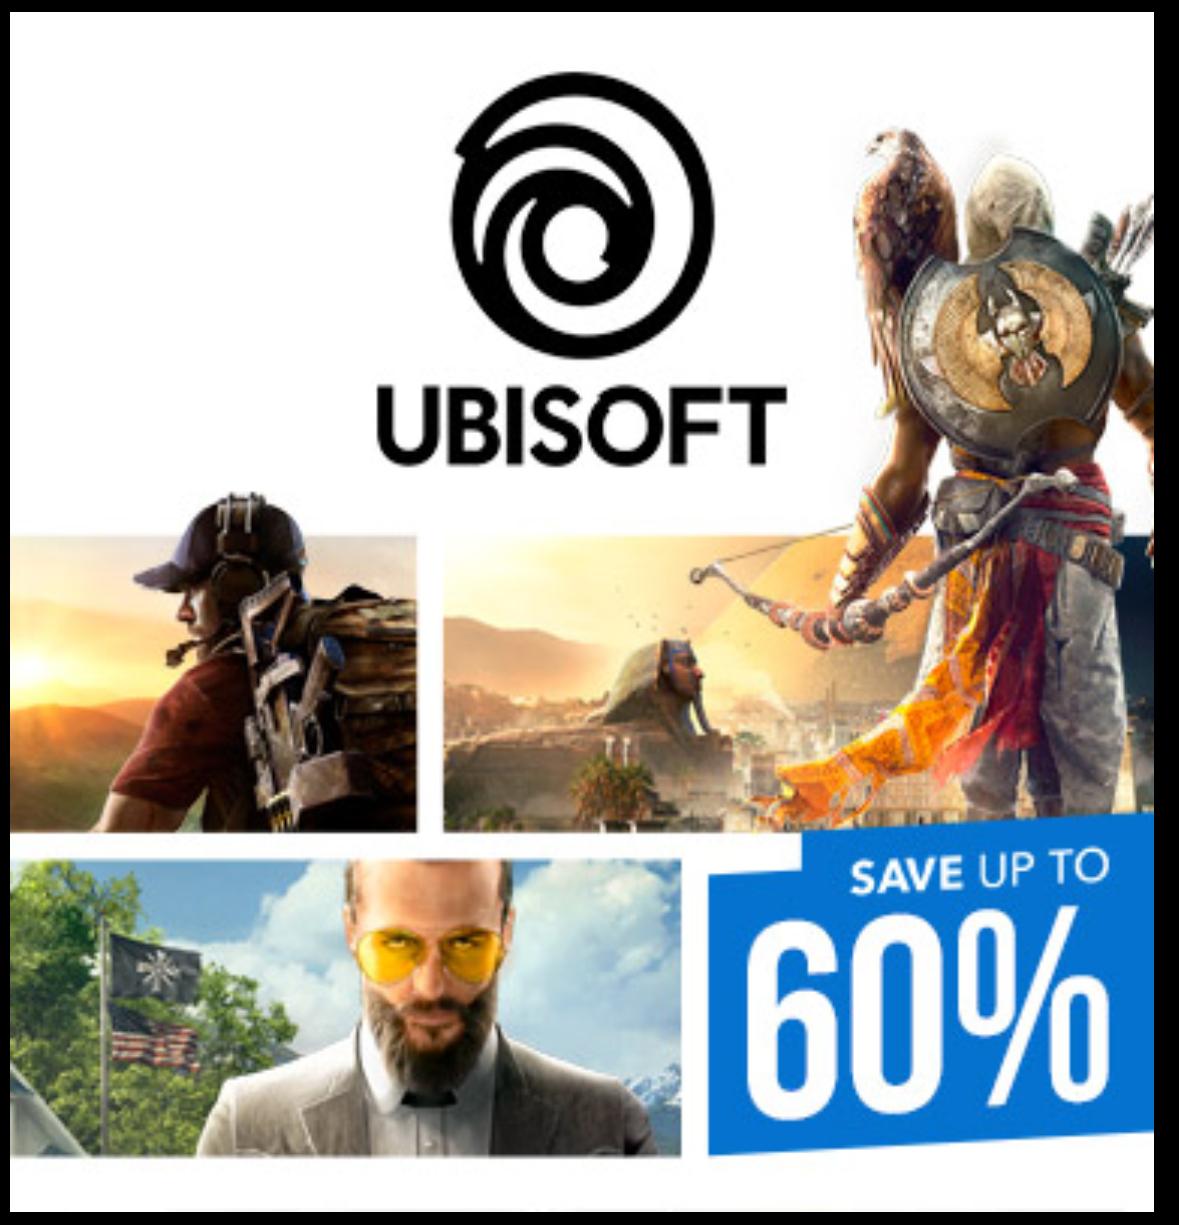 Przecena na gry od Ubisoft na psn